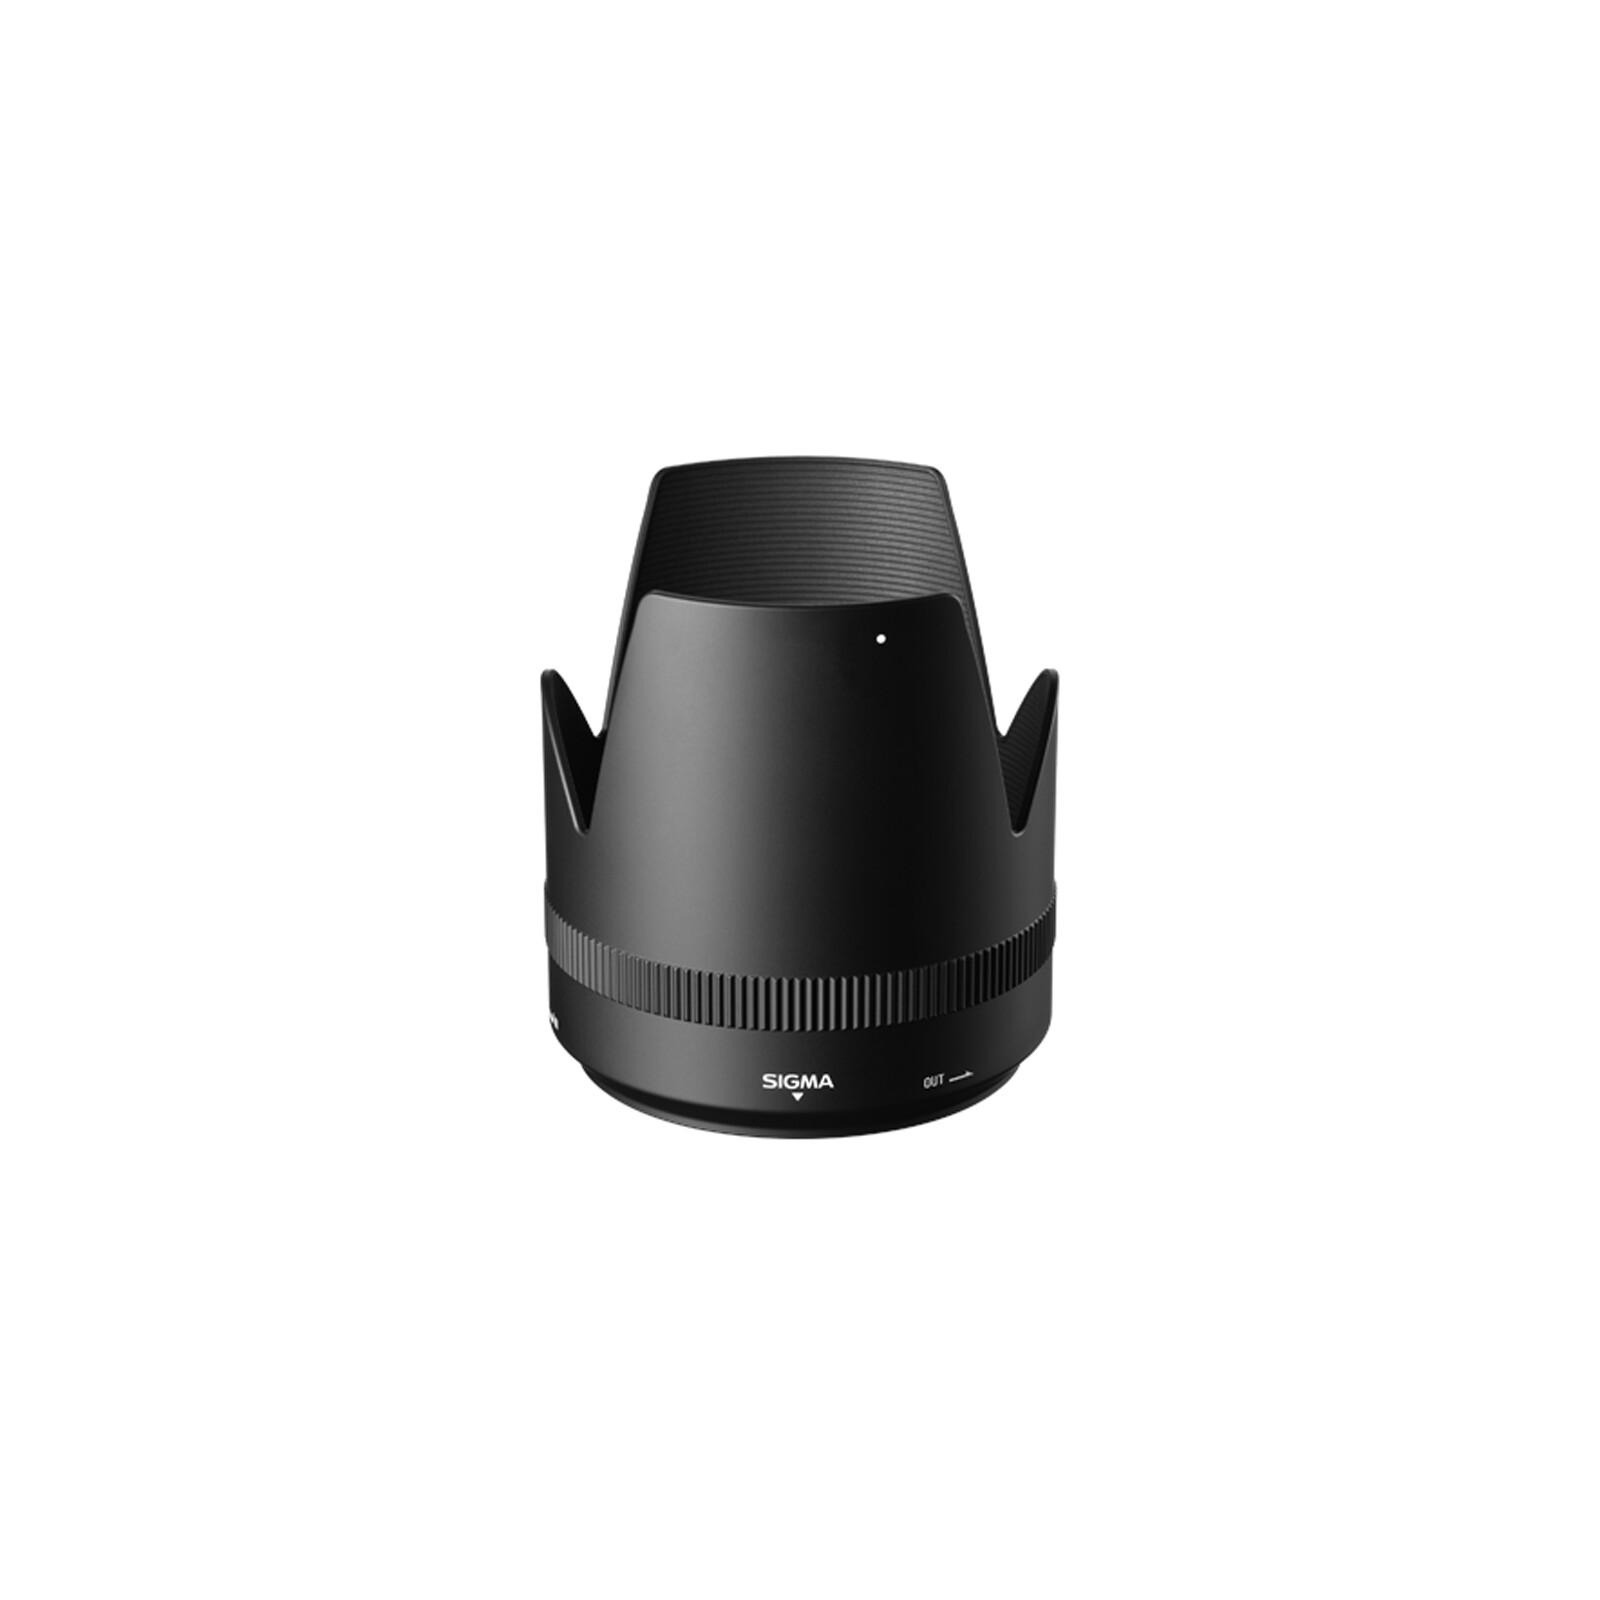 Sigma LH850-02 Gegenlichtblende 589